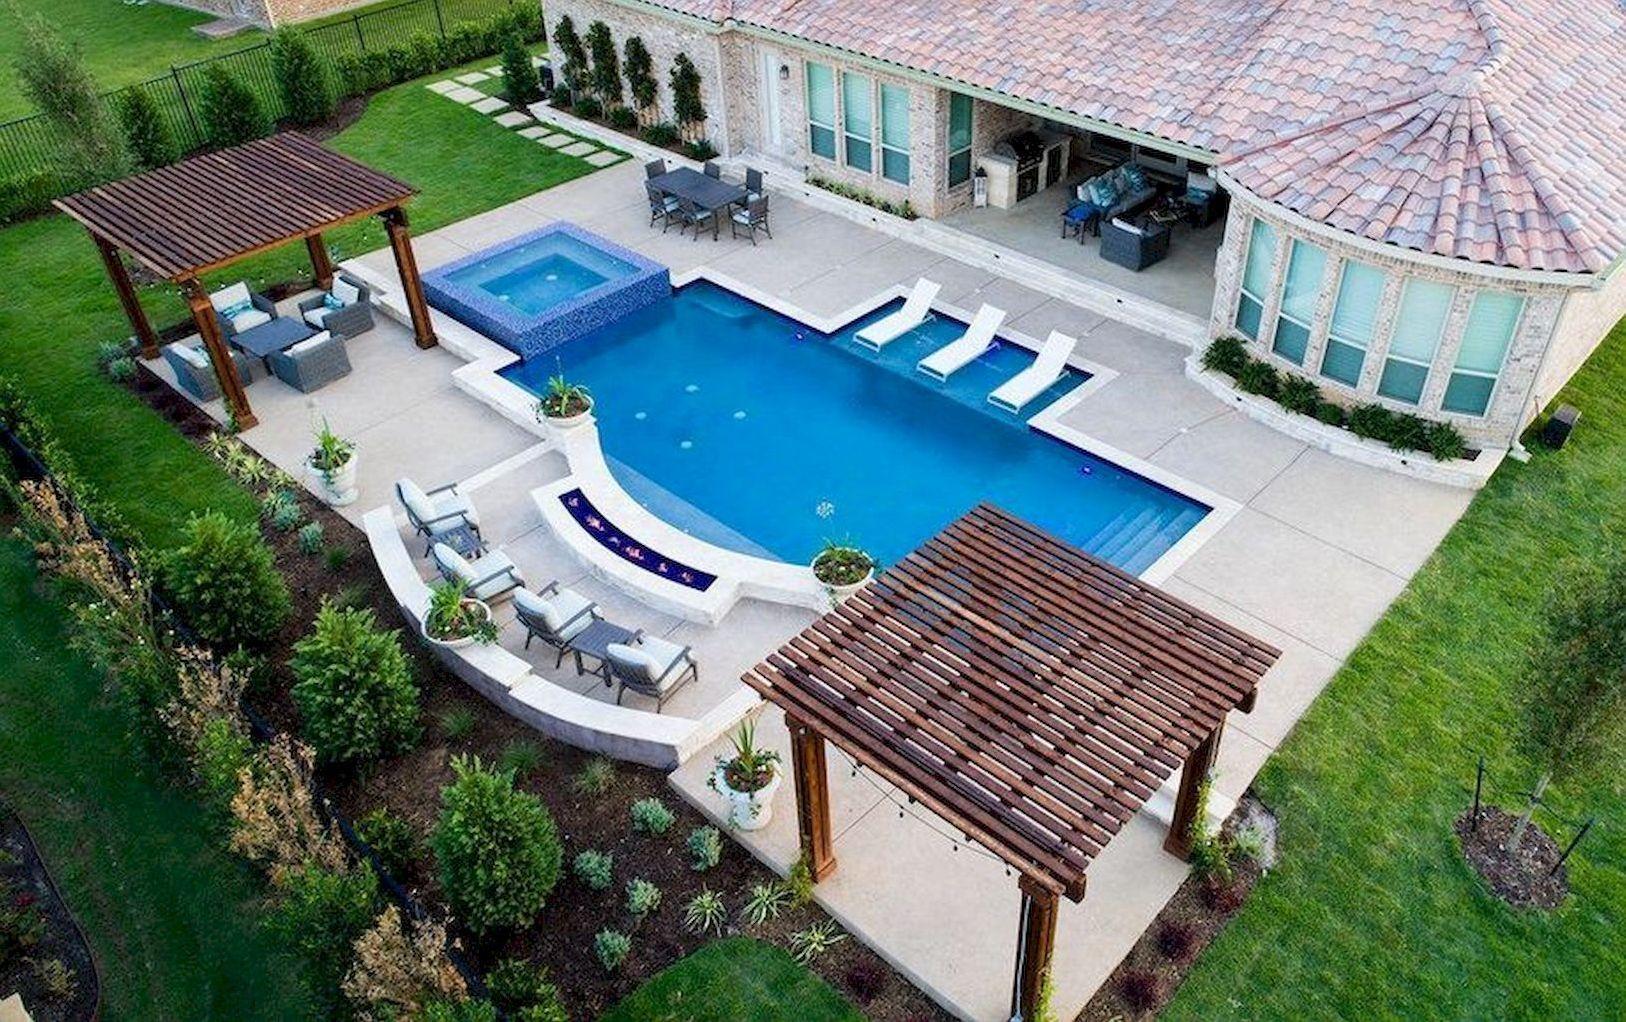 6 Incredible Backyard Swimming Pool Design Ideas In 2020